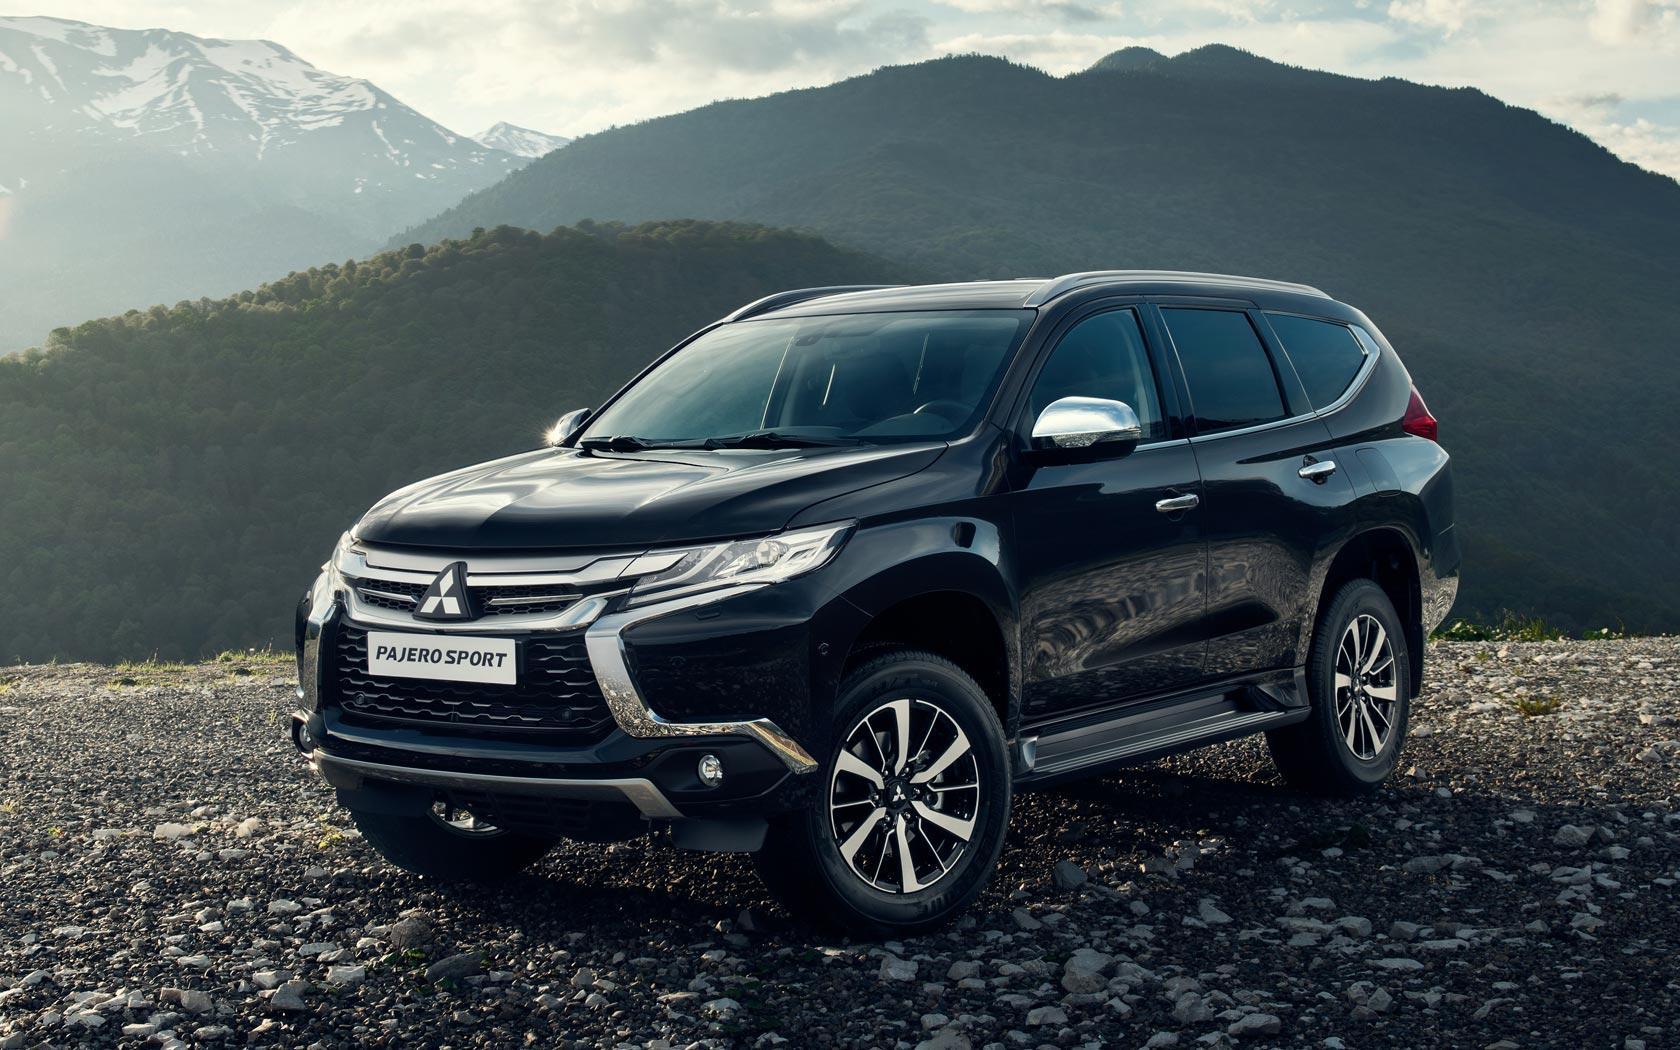 Составили топ-10 популярных дизельных автомобилей в РФ